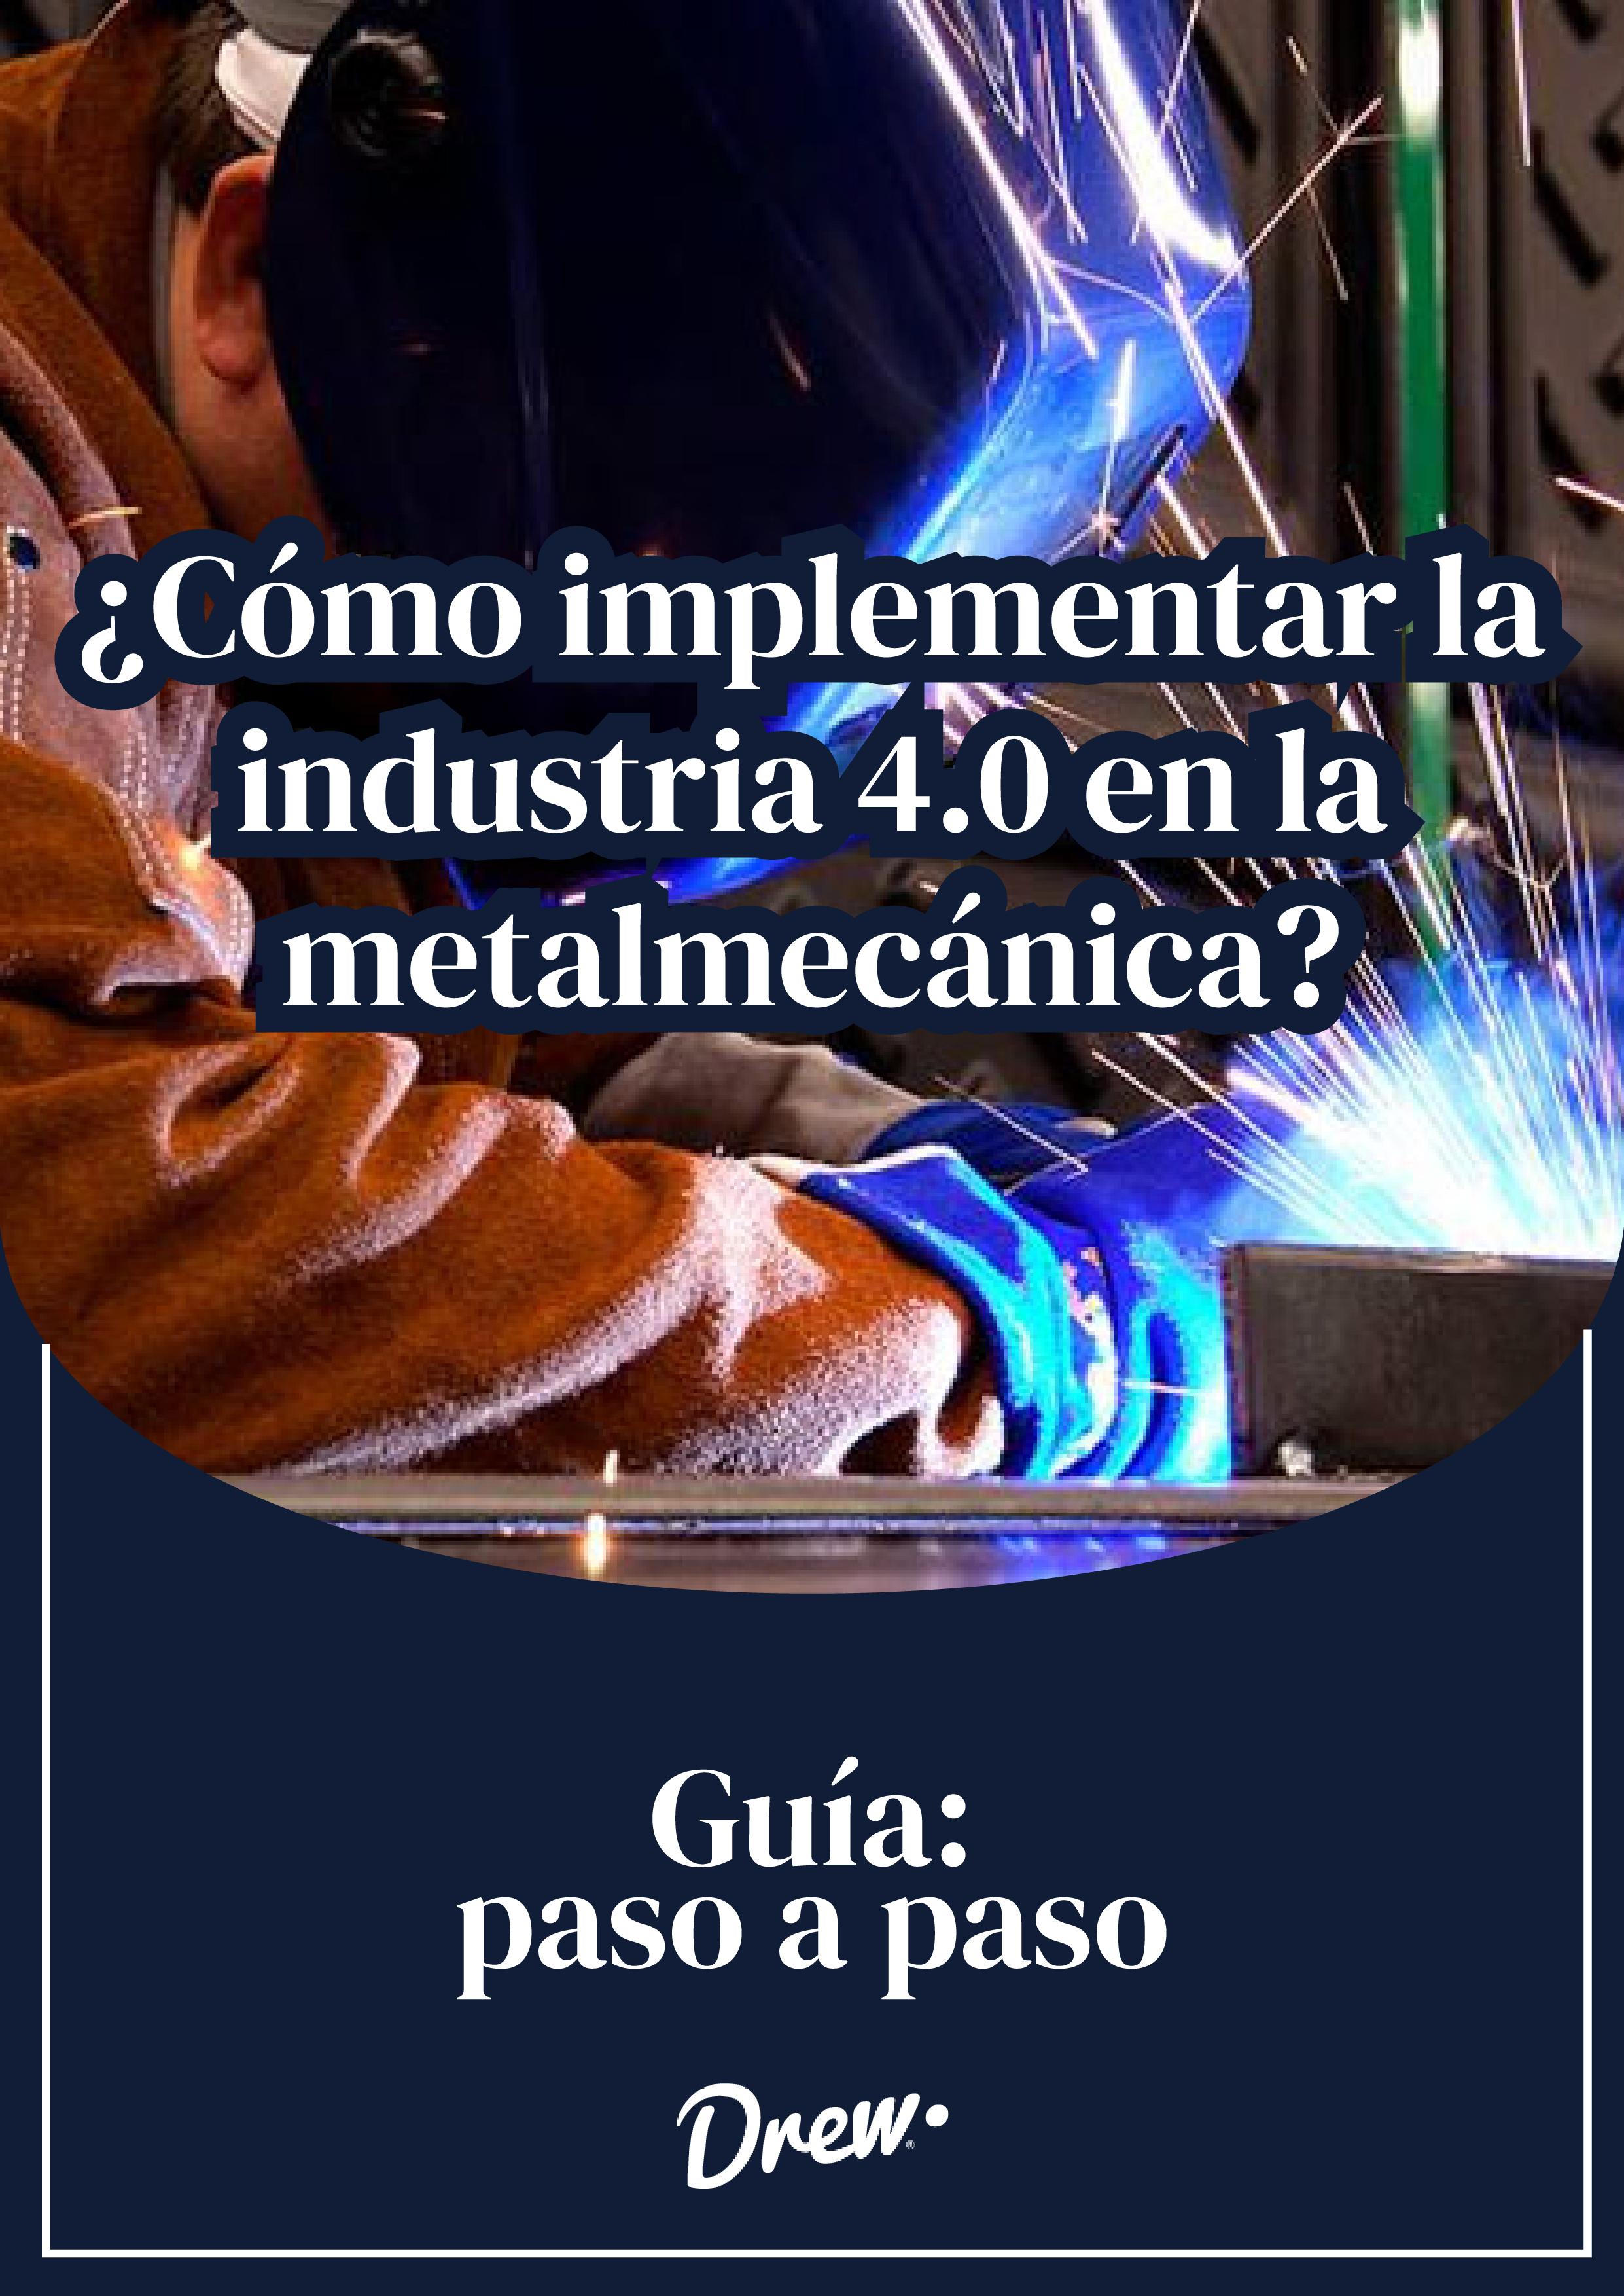 Implementar la industria 4.0 en metalmecánica